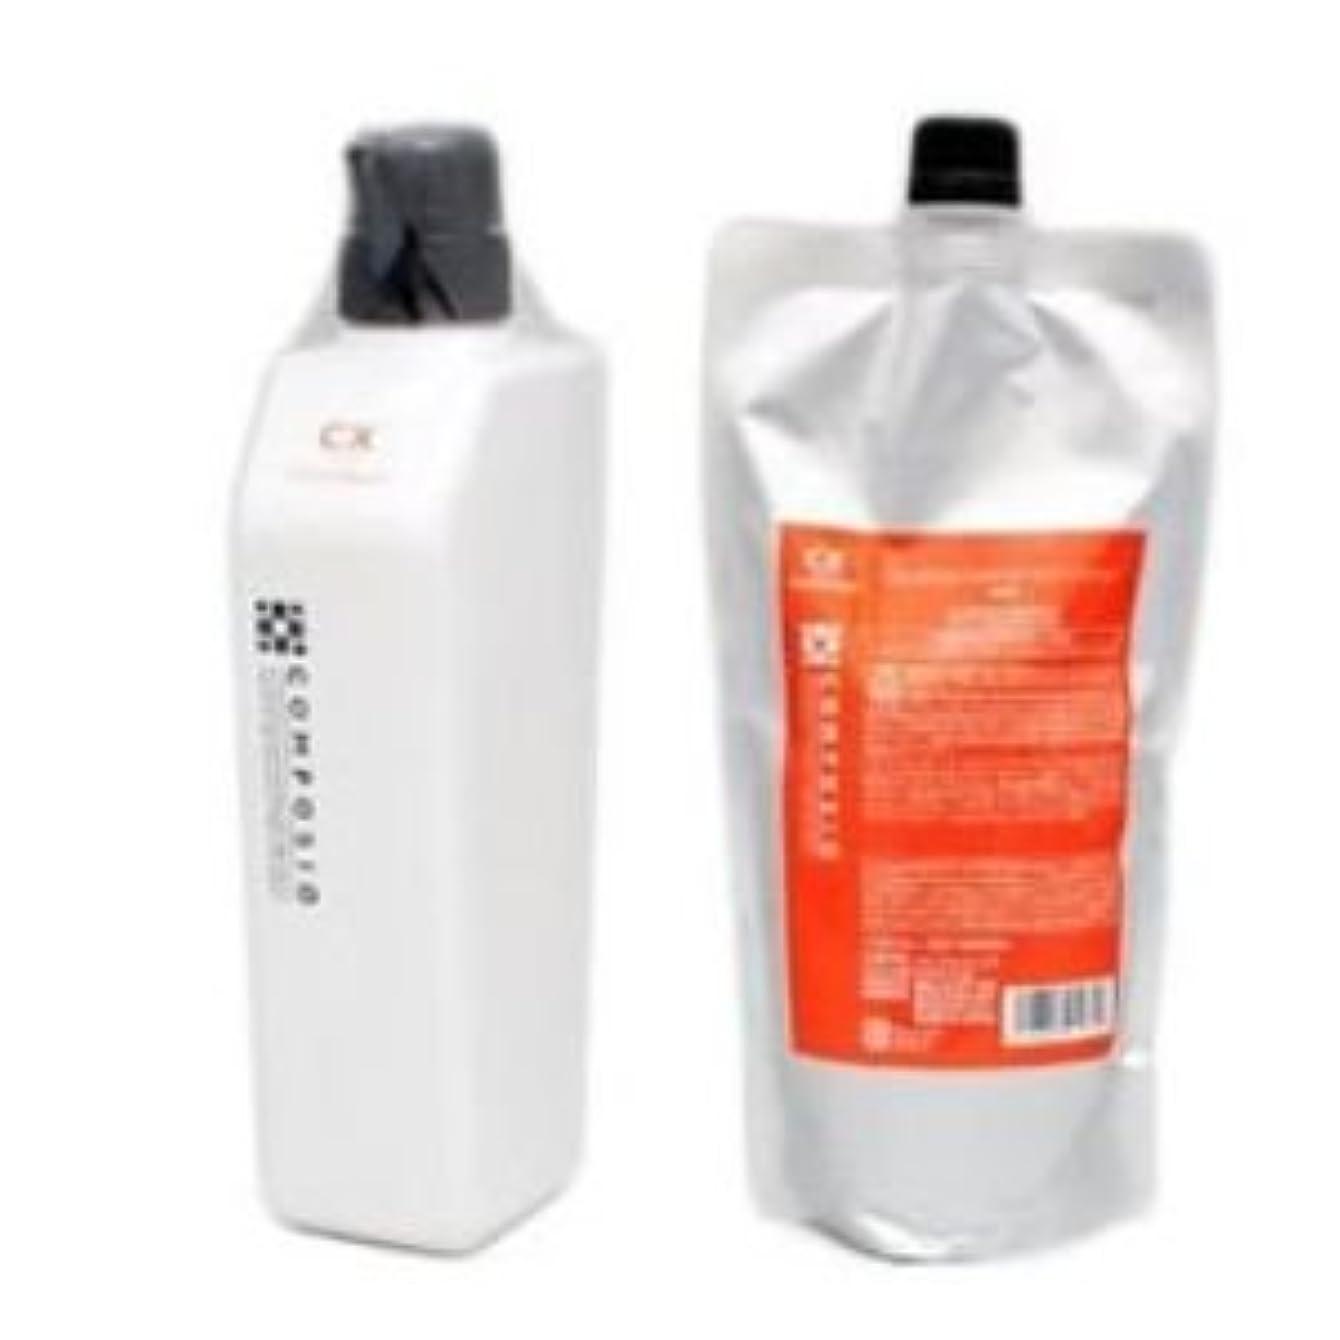 幅ではごきげんよう目の前のデミ コンポジオ CXリペアトリートメント ボトル550g & 詰替え 450g セット (詰め替え付セット)